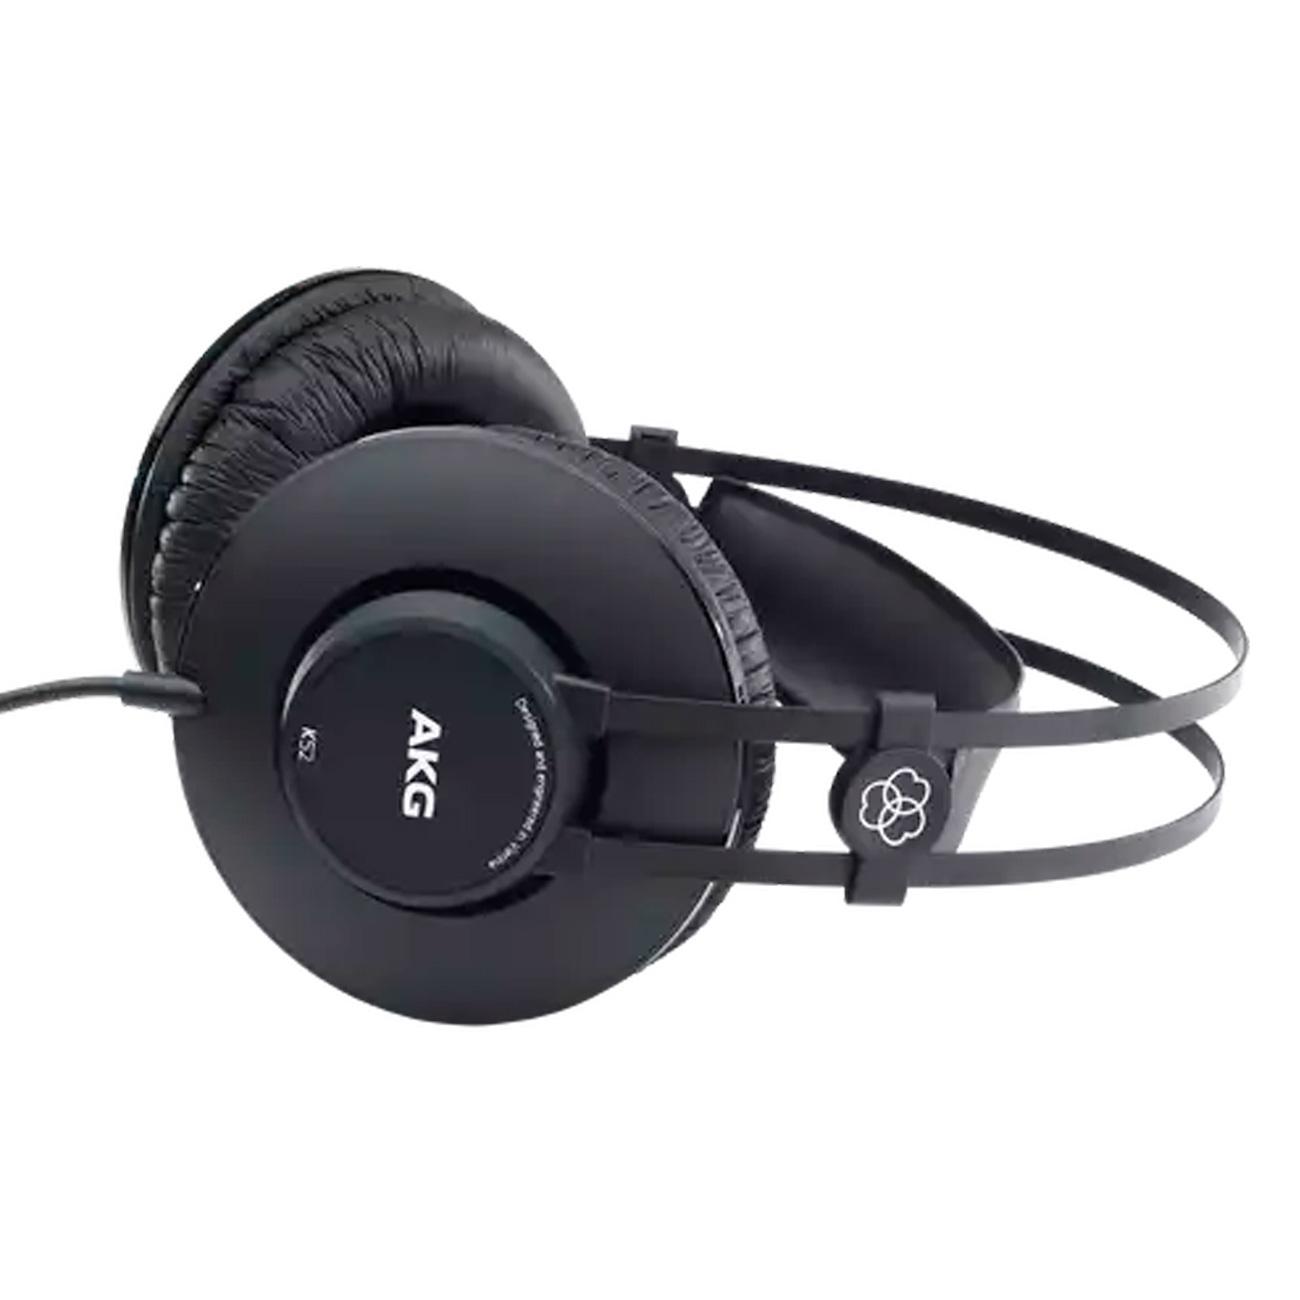 Fone de Ouvido AKG K52 matte black